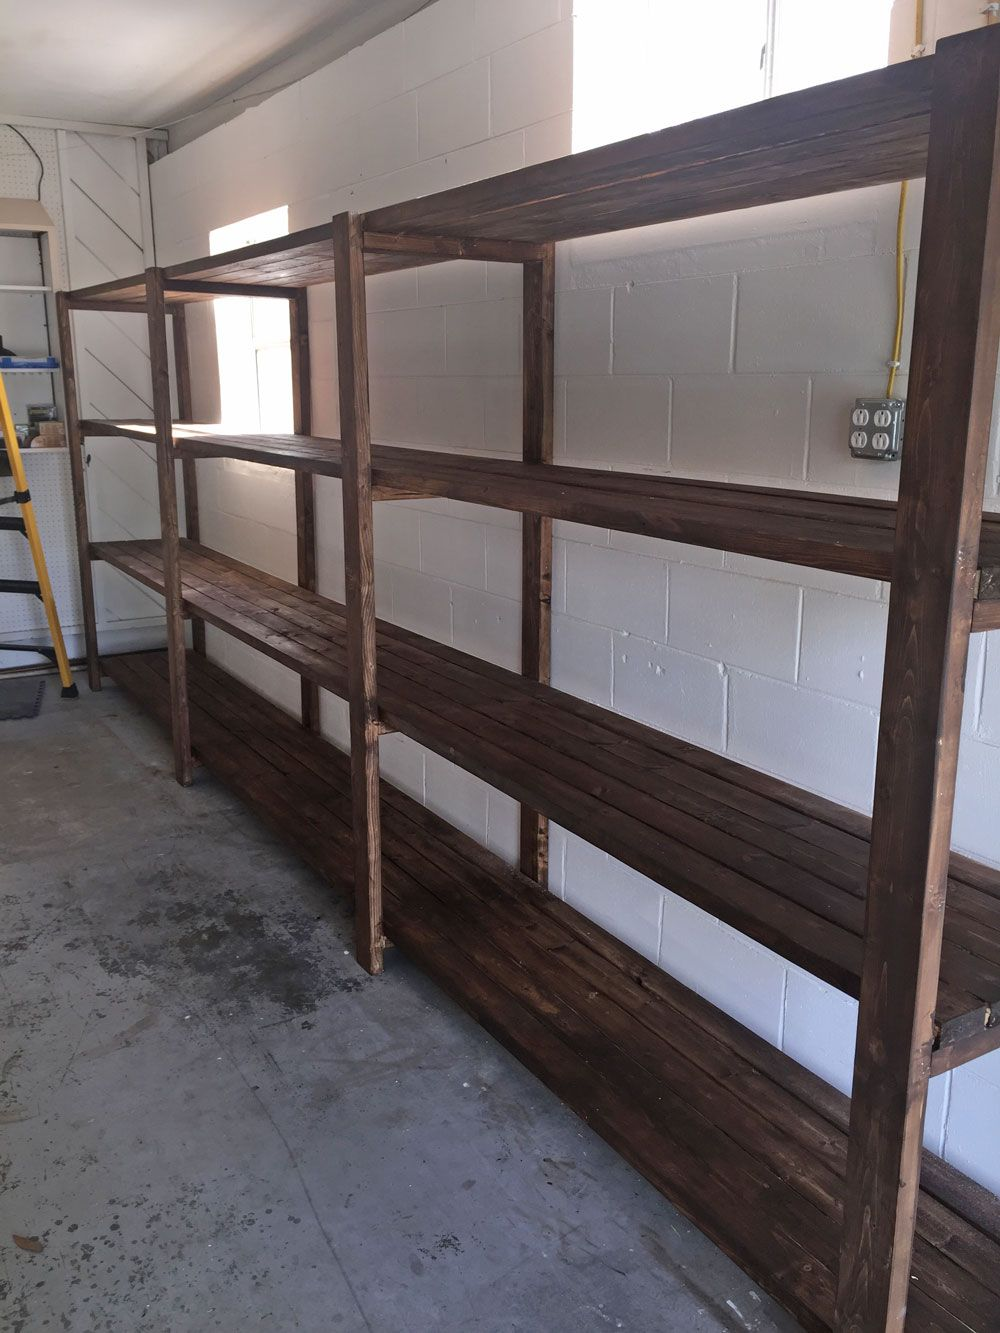 Stained 2x4 Diy Garage Storage Favorite Plans Ana White Diy Projects Diy Garage Storage Garage Storage Garage Decor